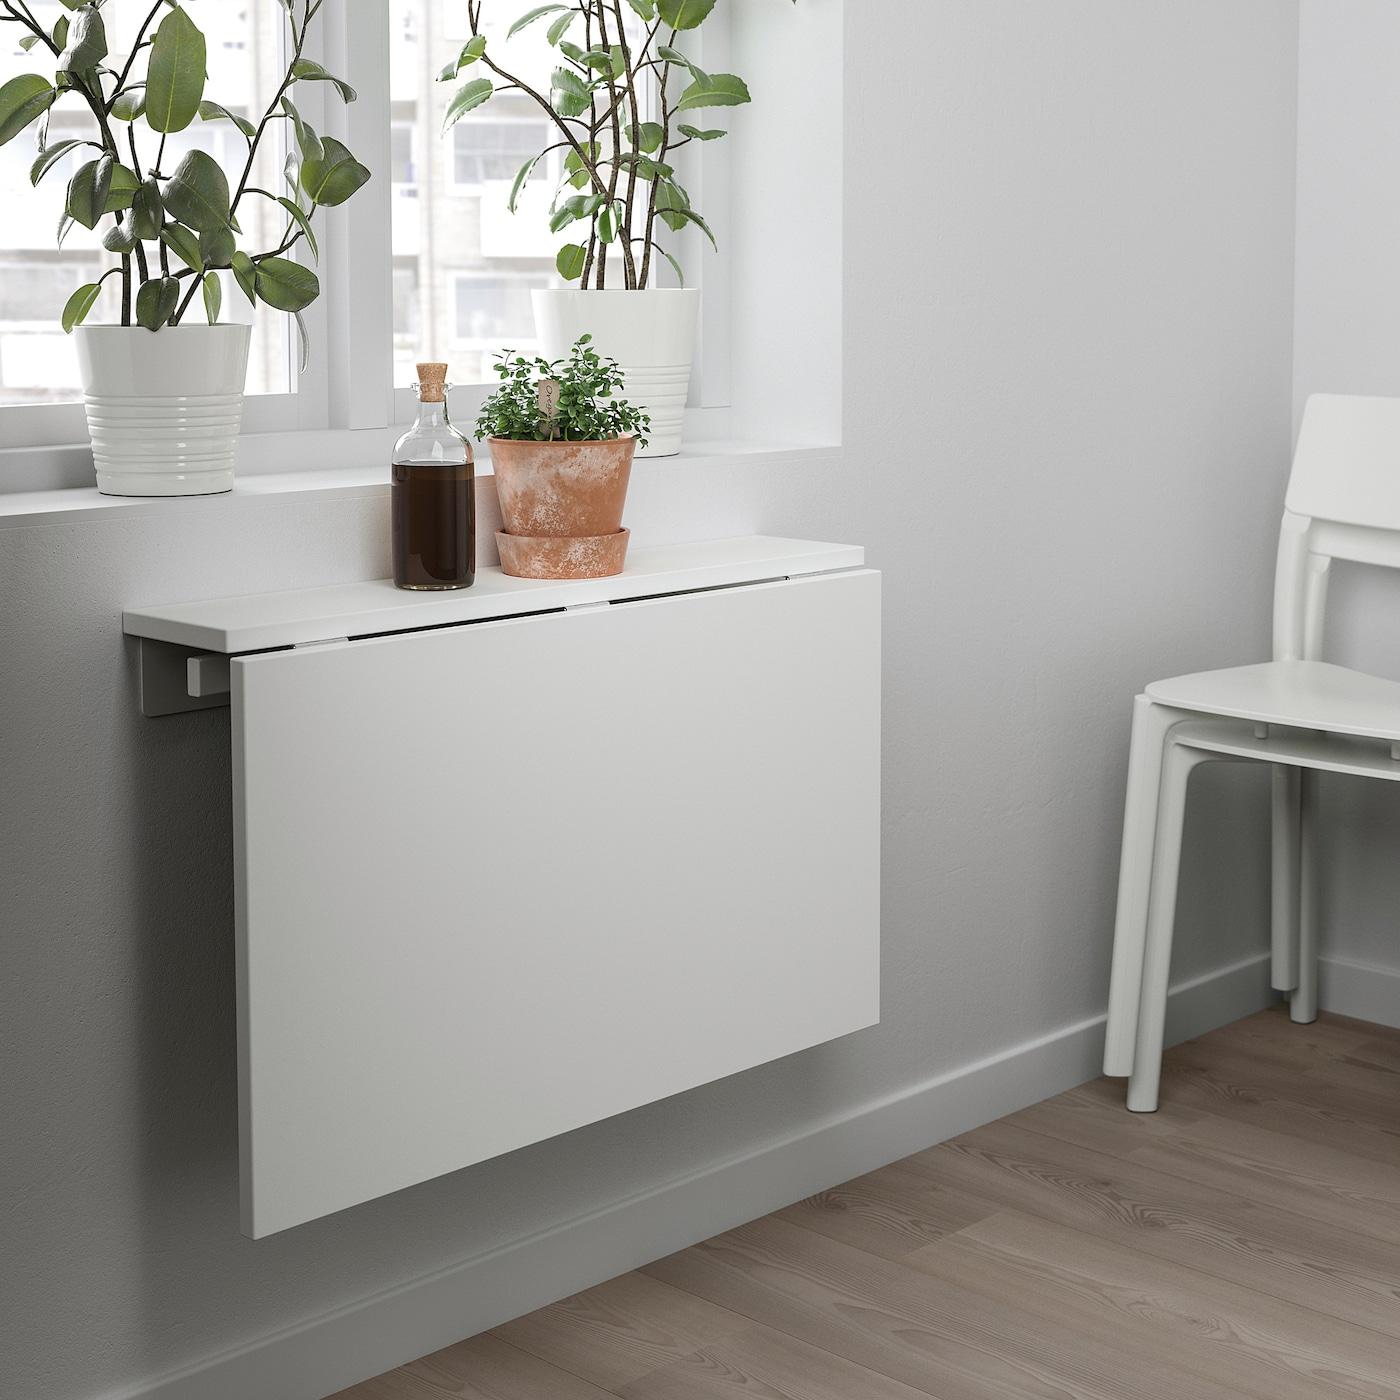 NORBERG Wandklapptisch - weiß 19x19 cm